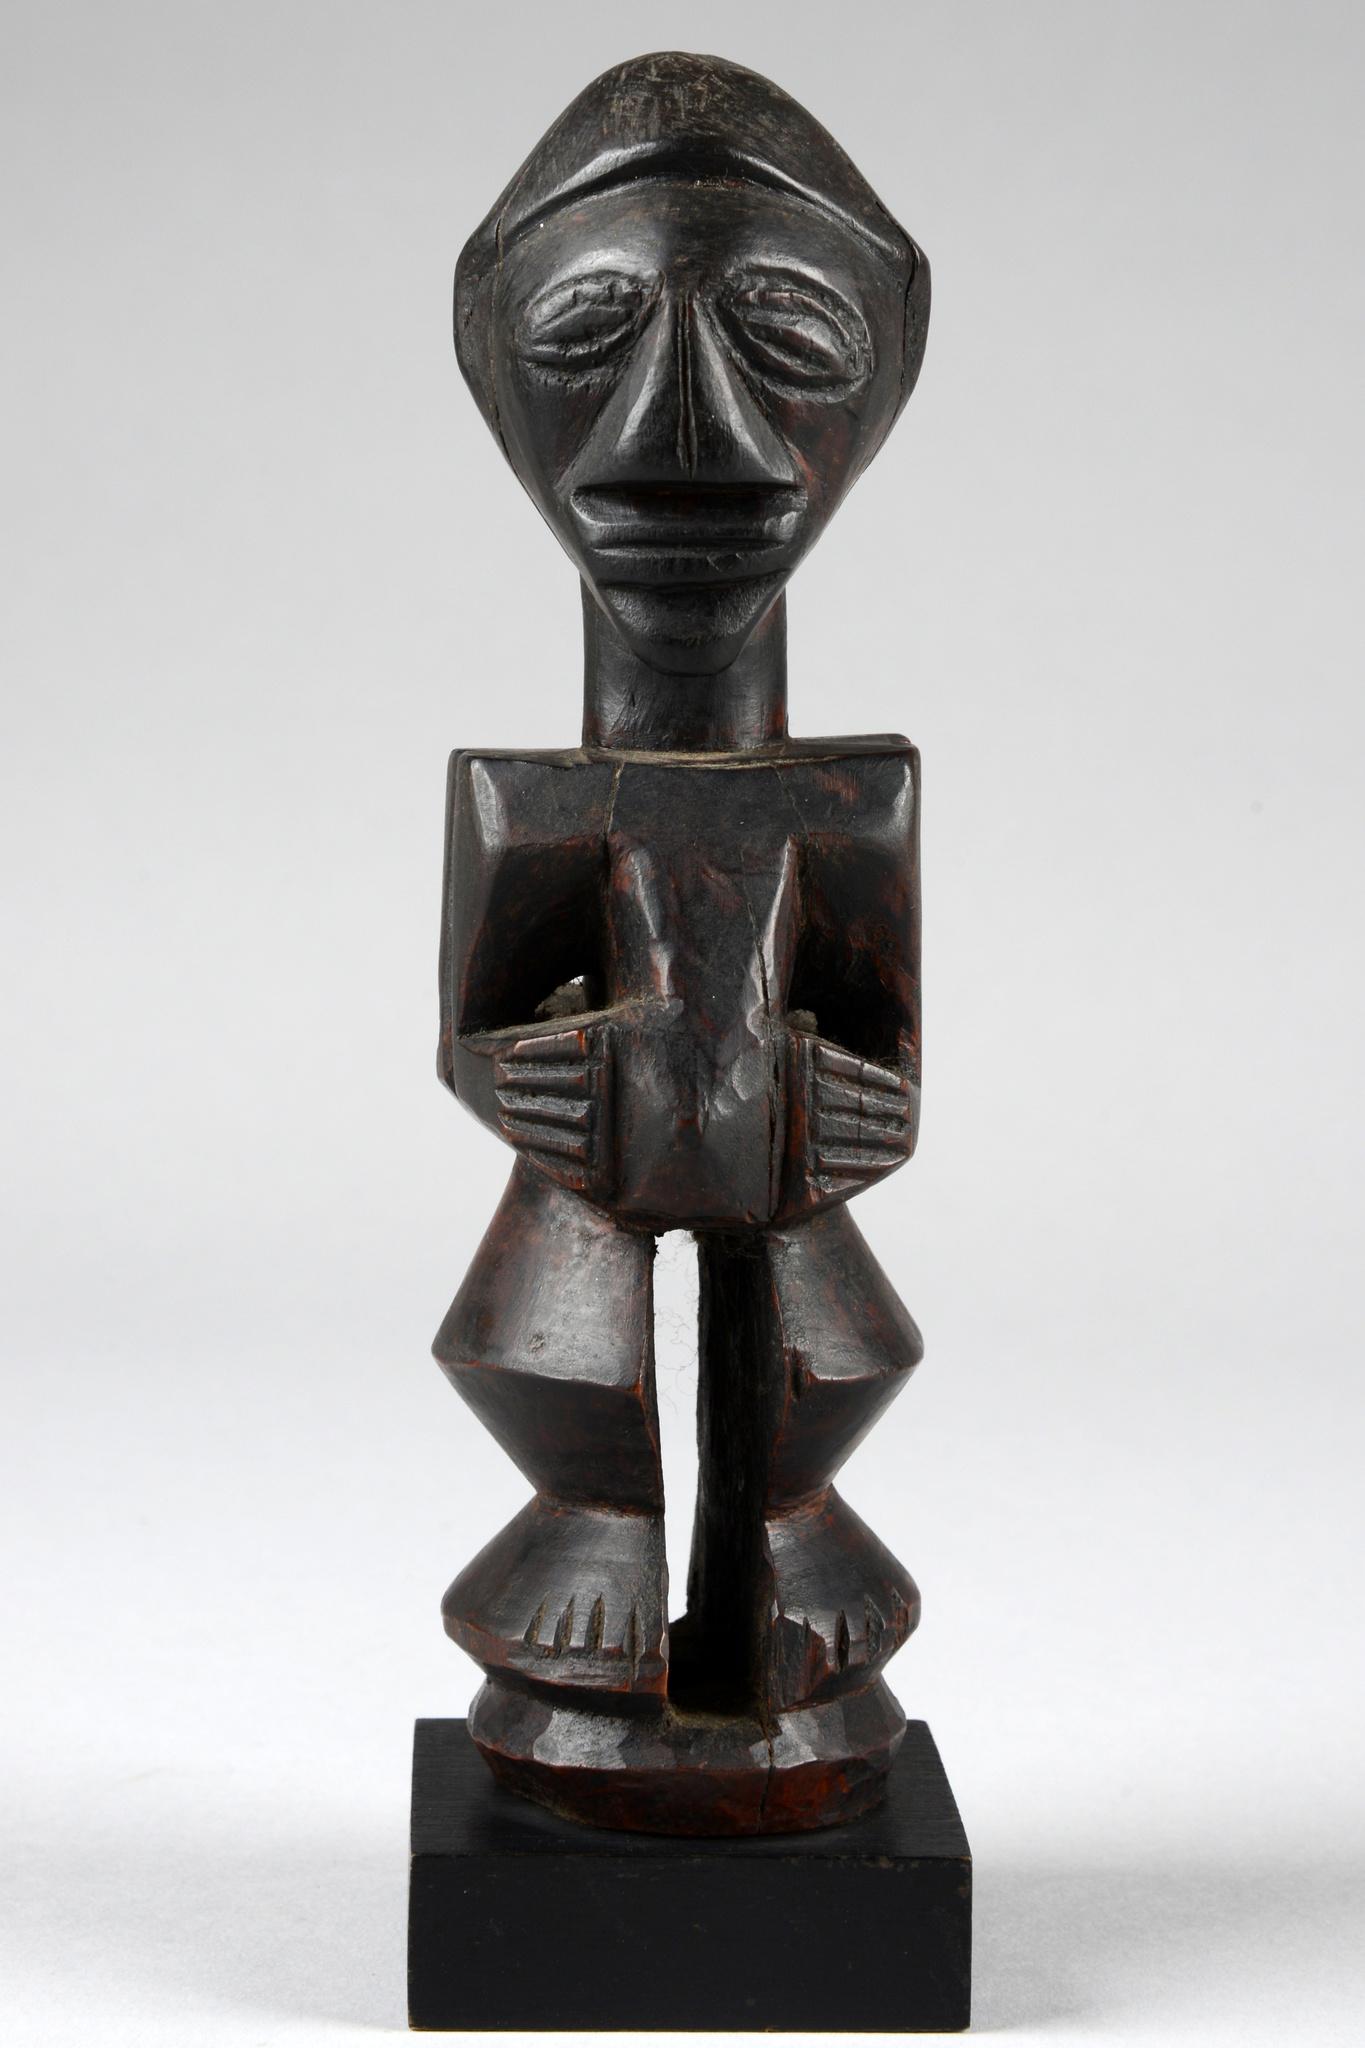 Small standing janus figure